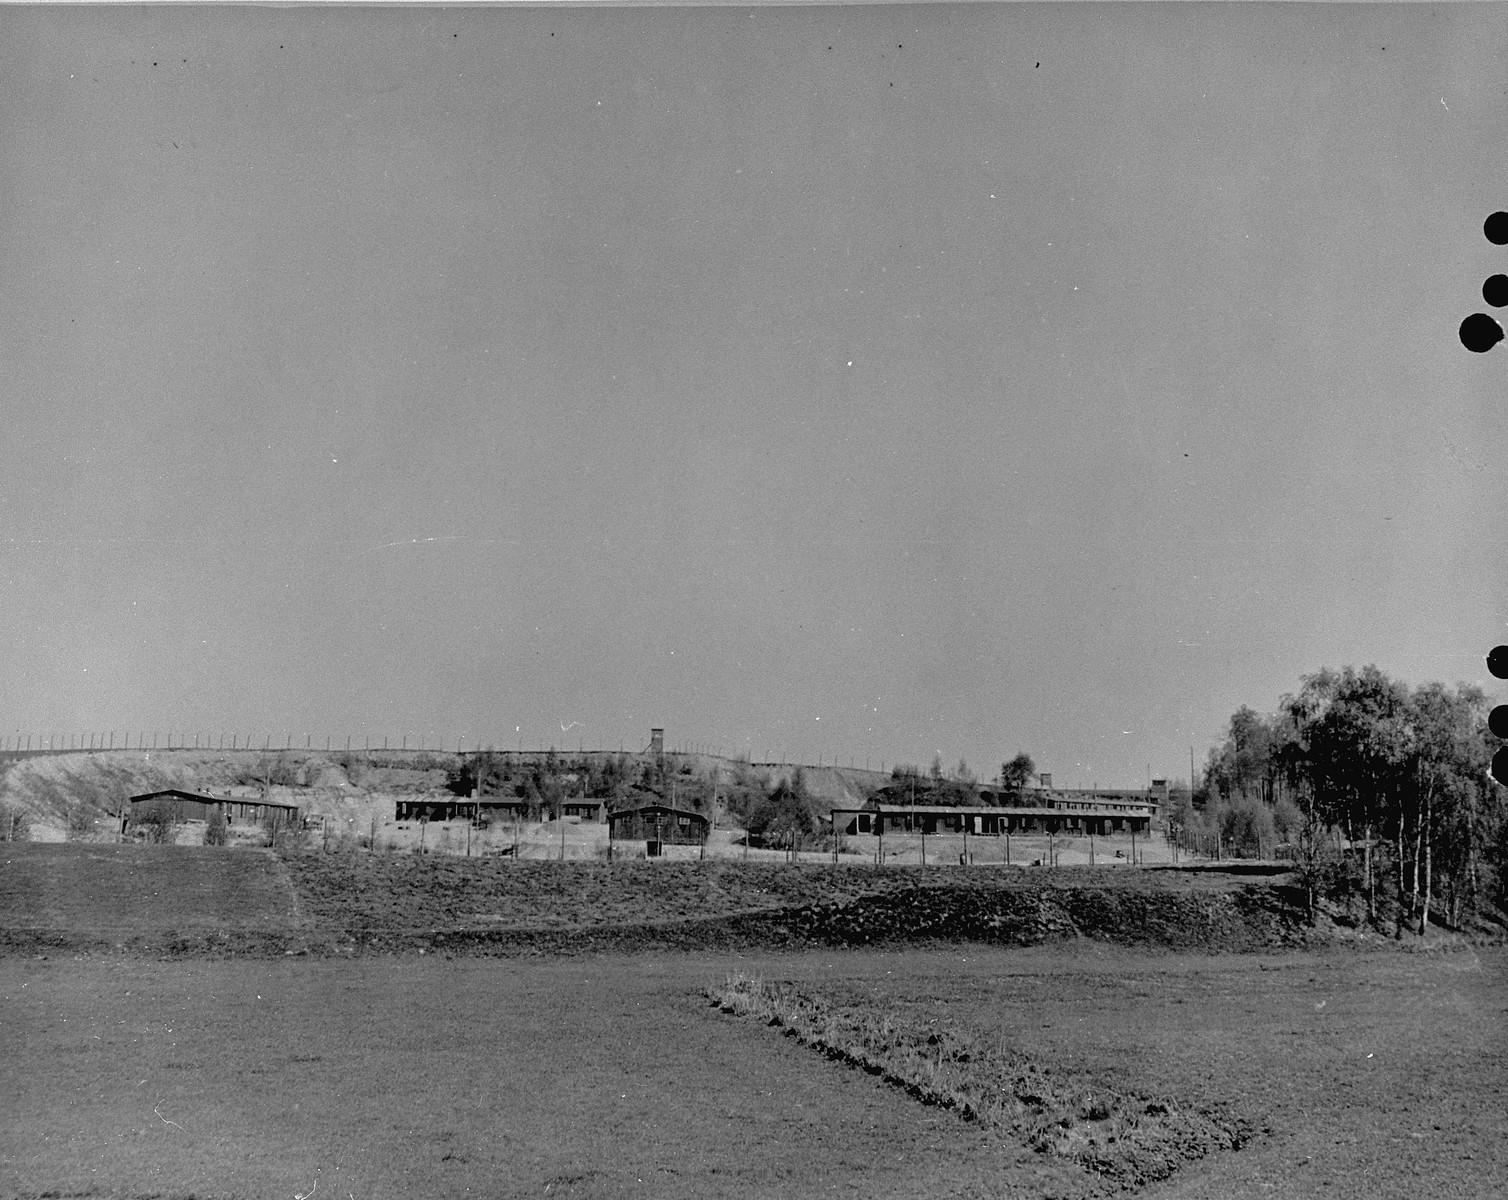 Penig labor camp, a sub-camp of Buchenwald.